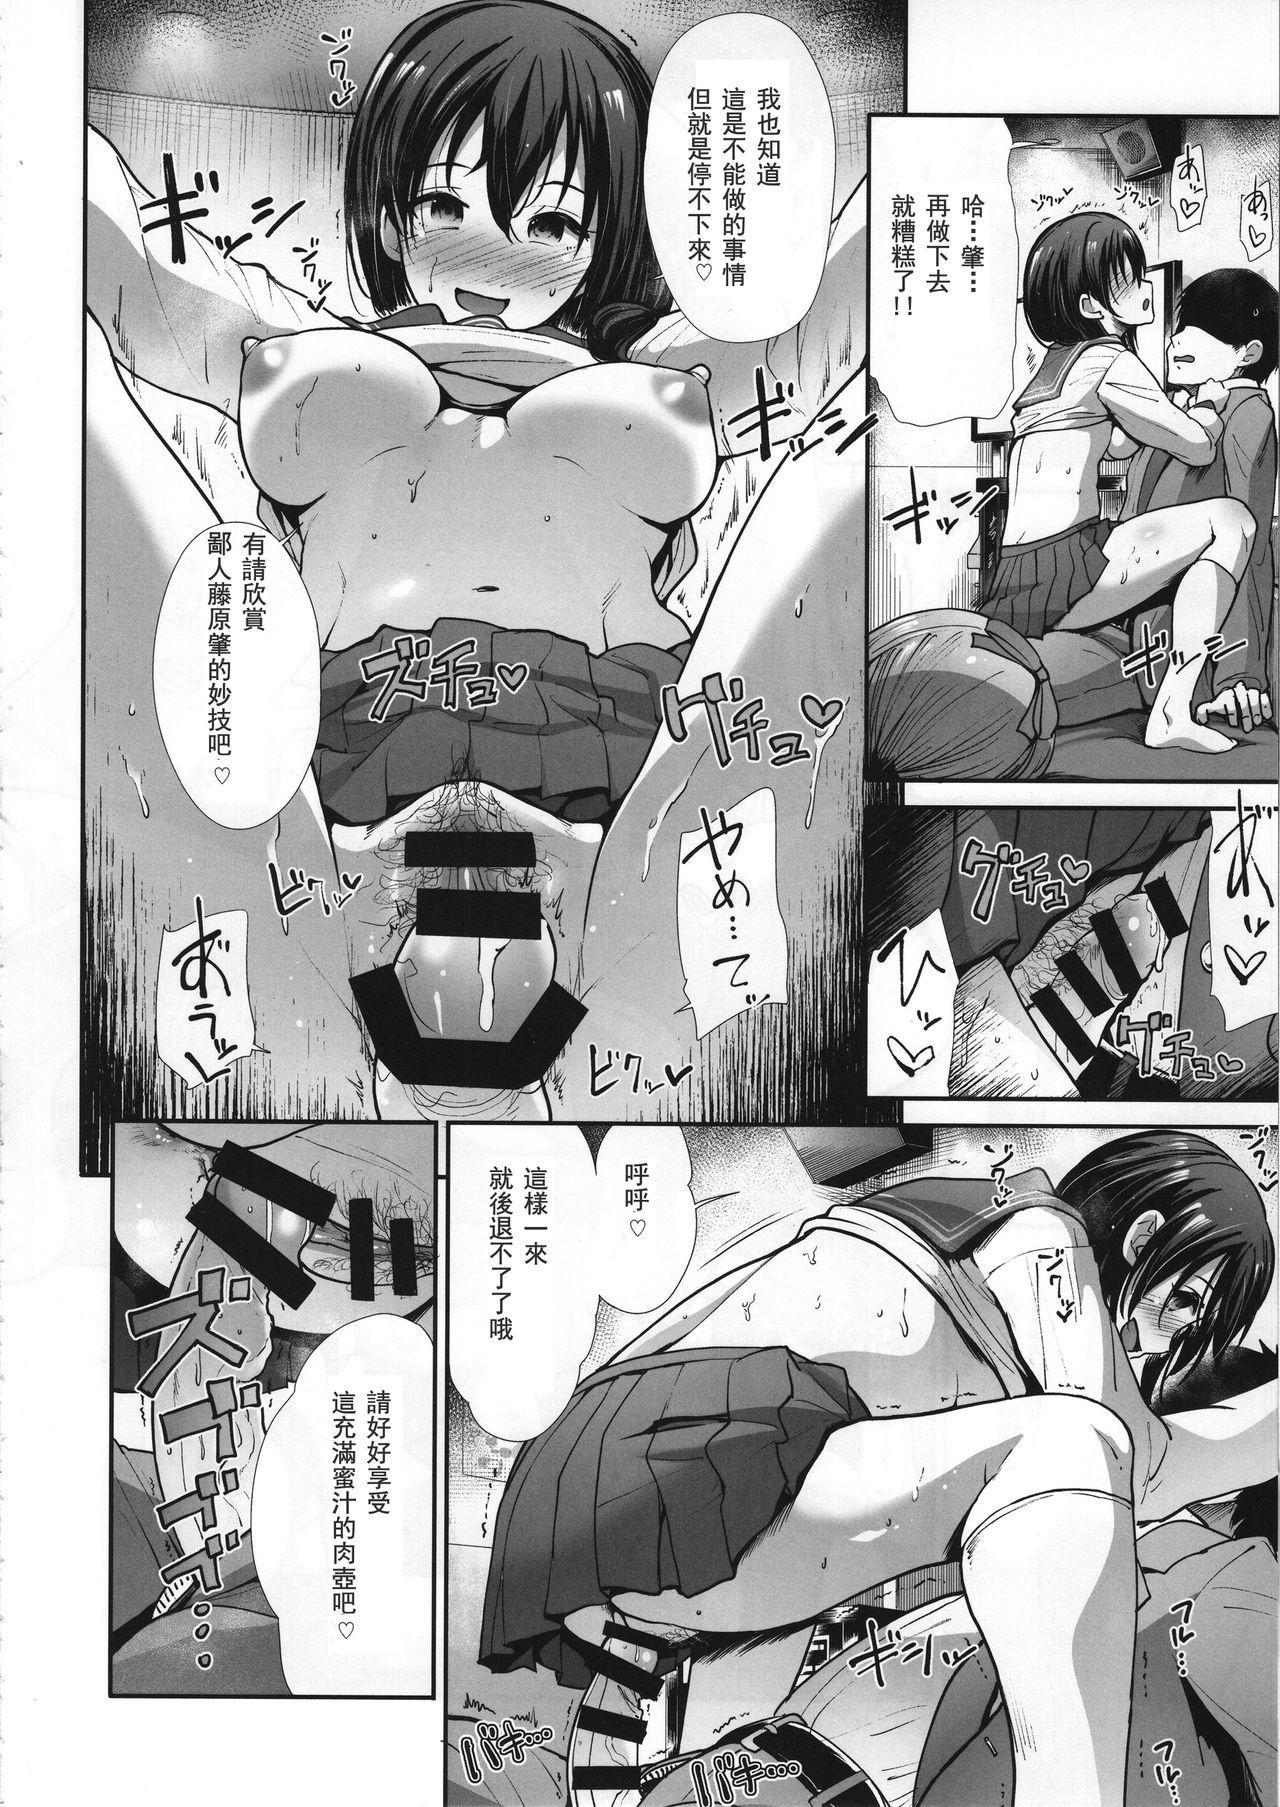 Seifuku Seikou 11